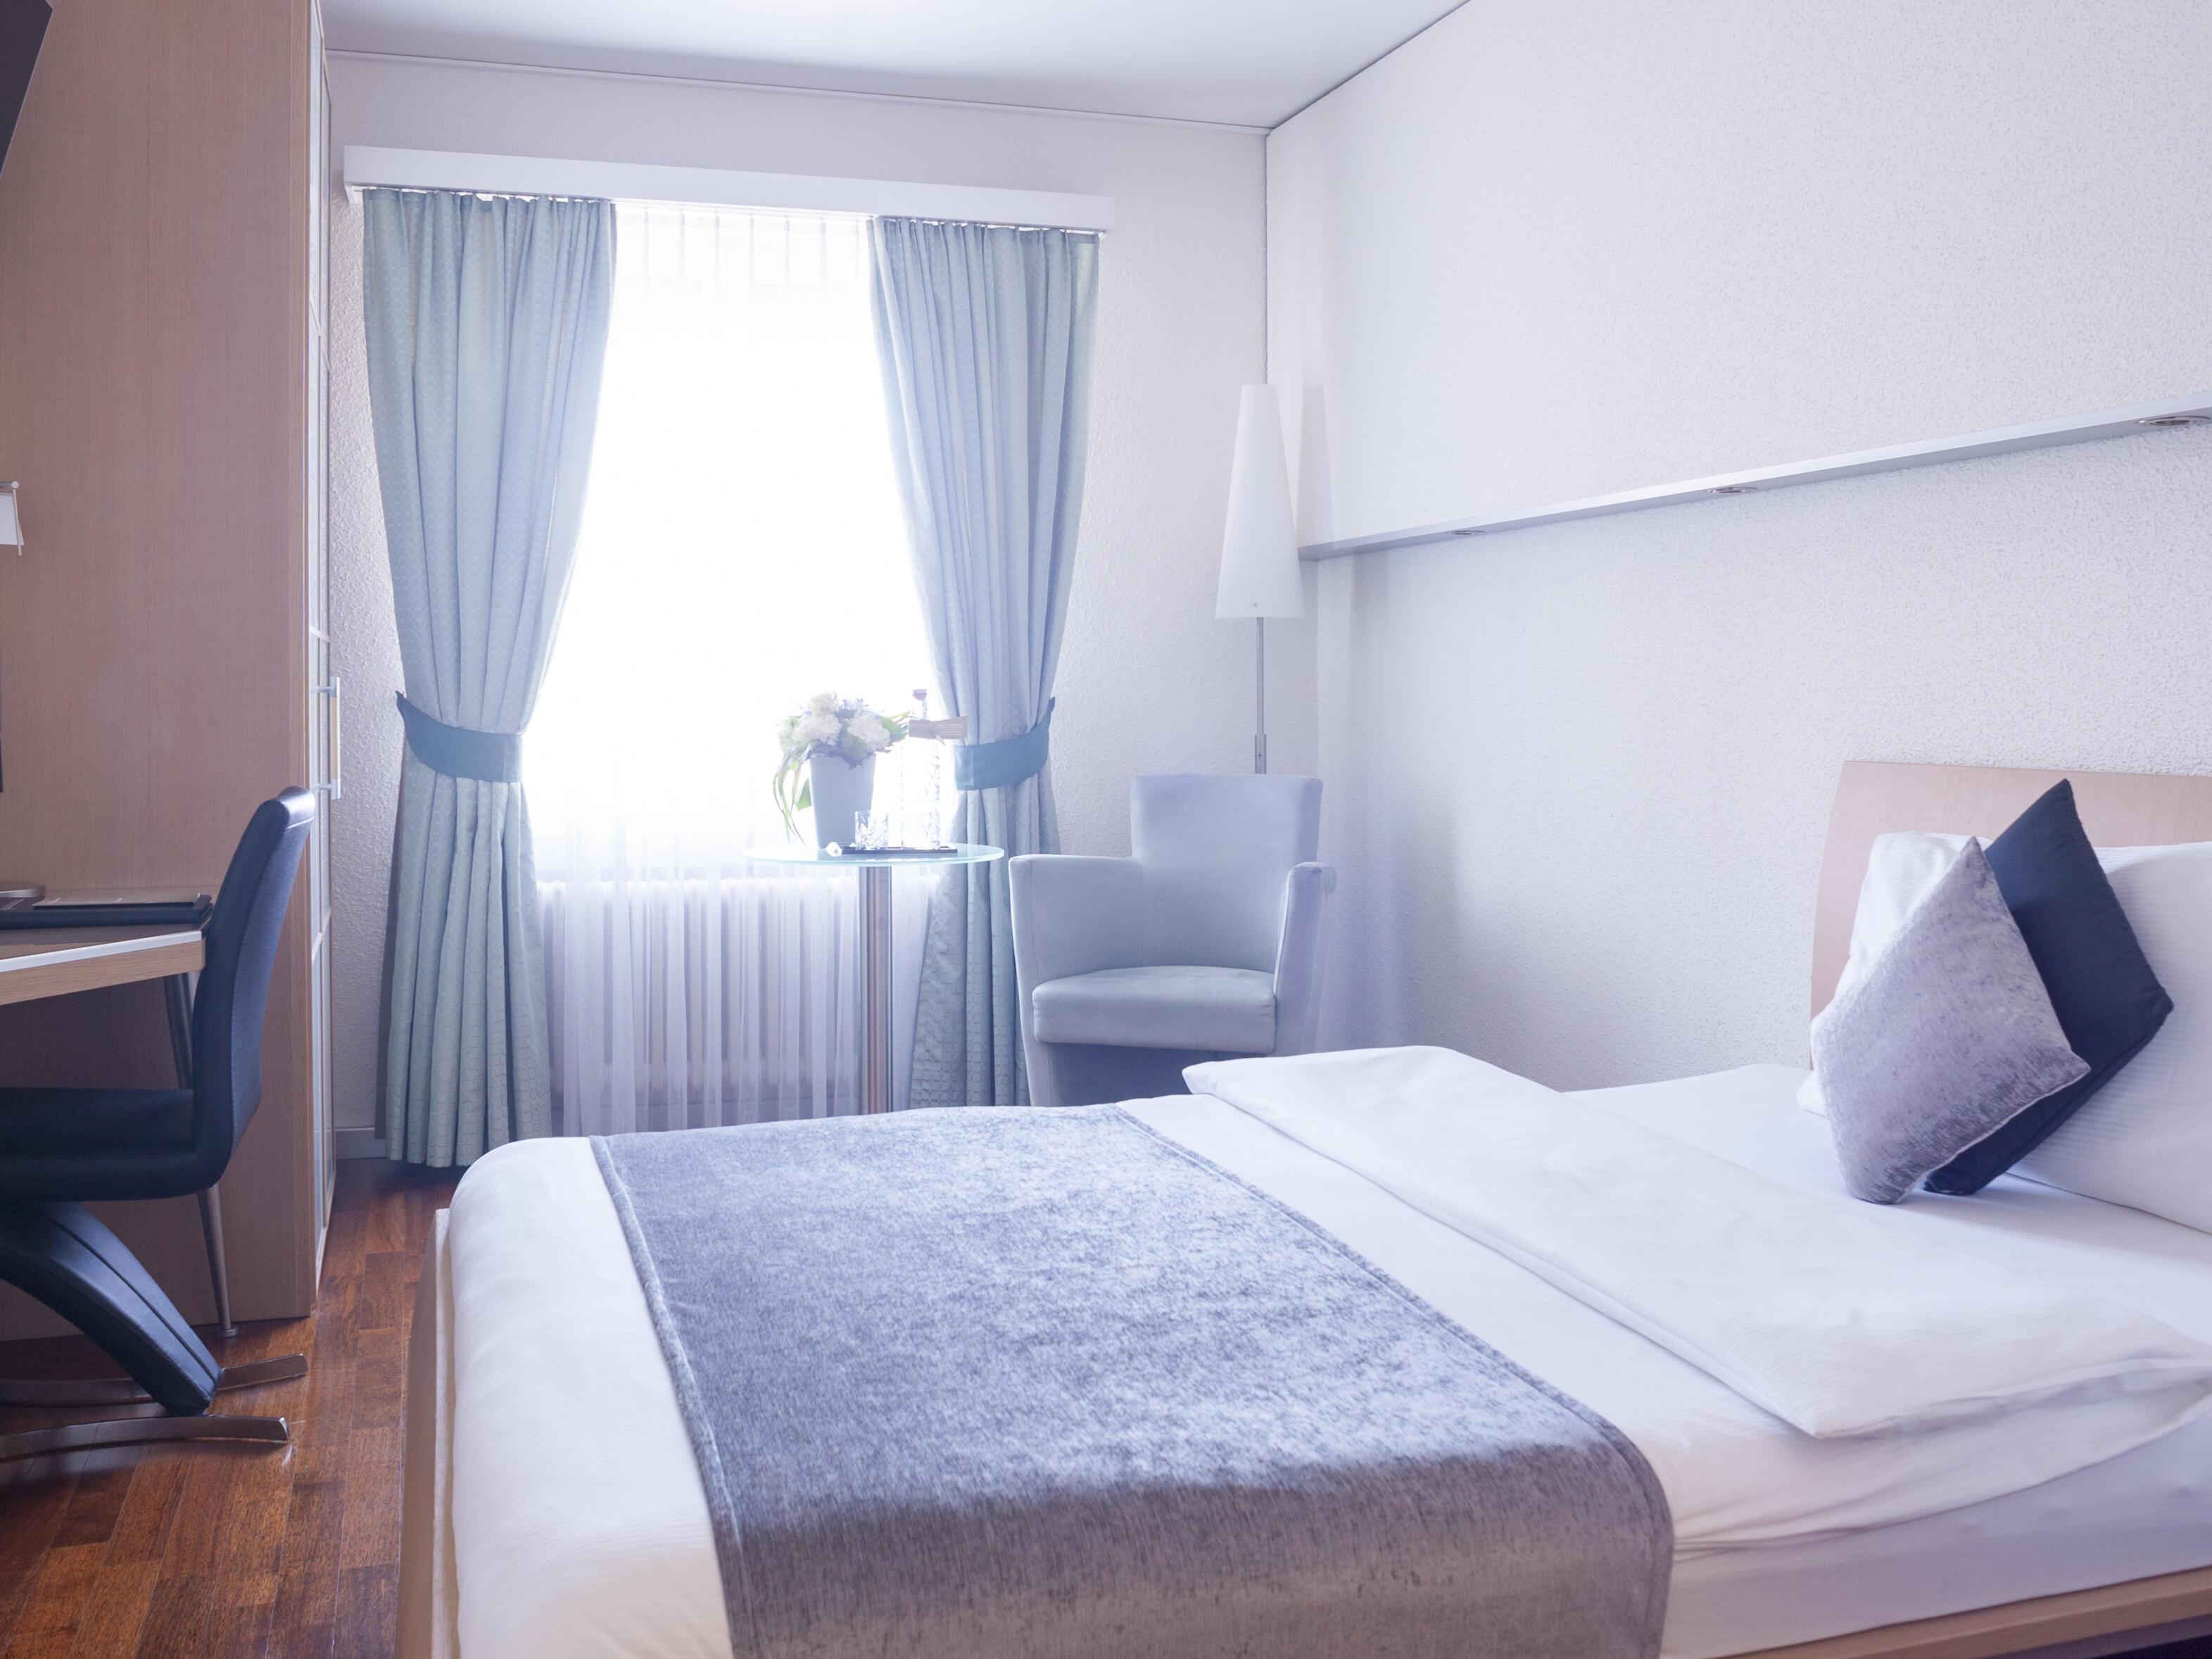 Standard Single Room at Hotel Krone Unterstrass in Zurich